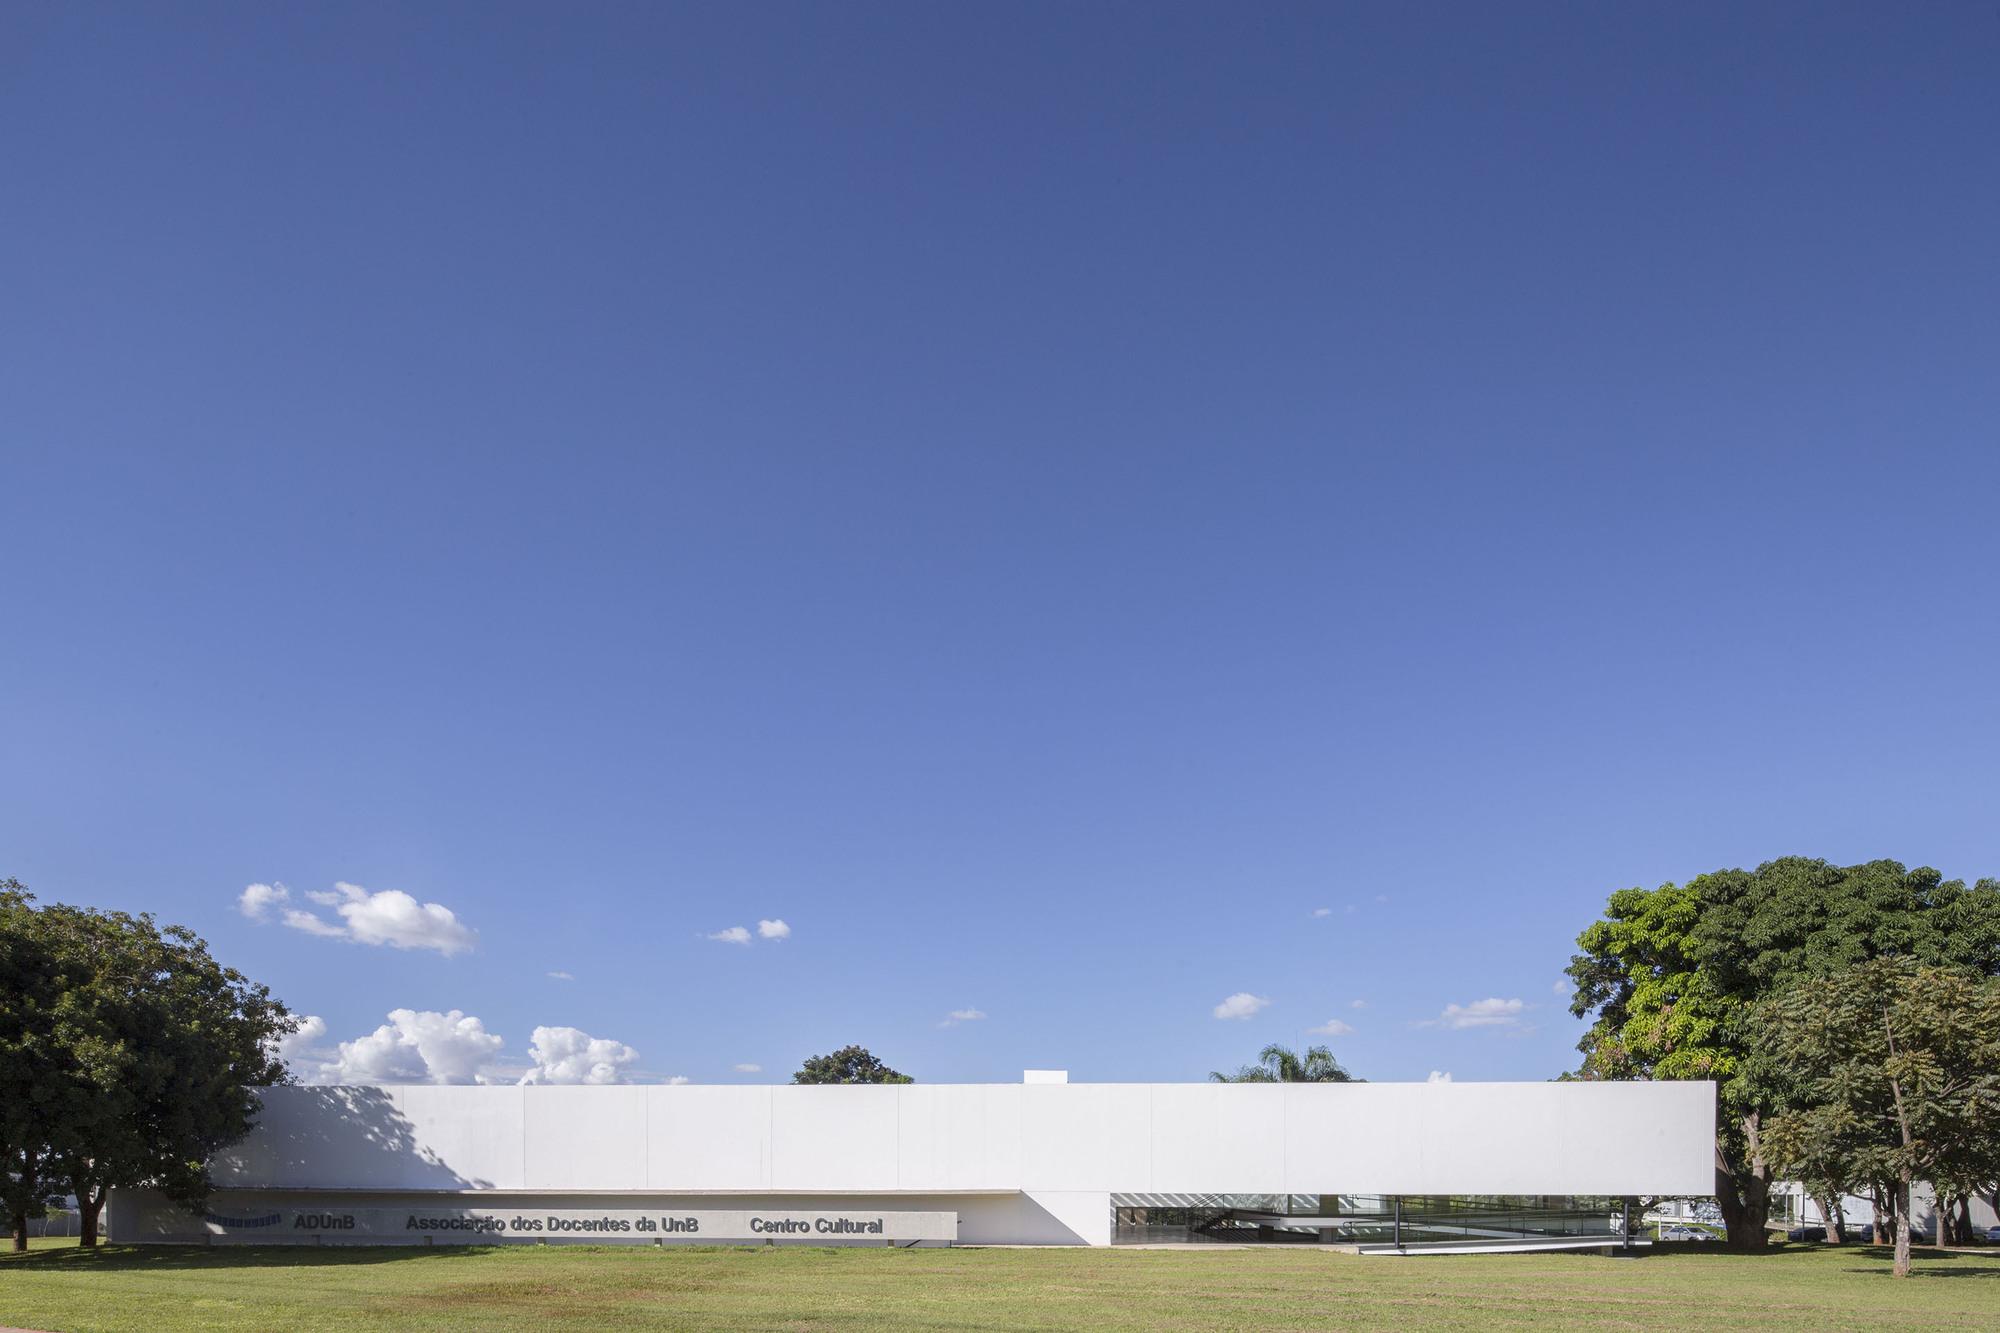 ADUnB Cultural Center / Nonato Veloso